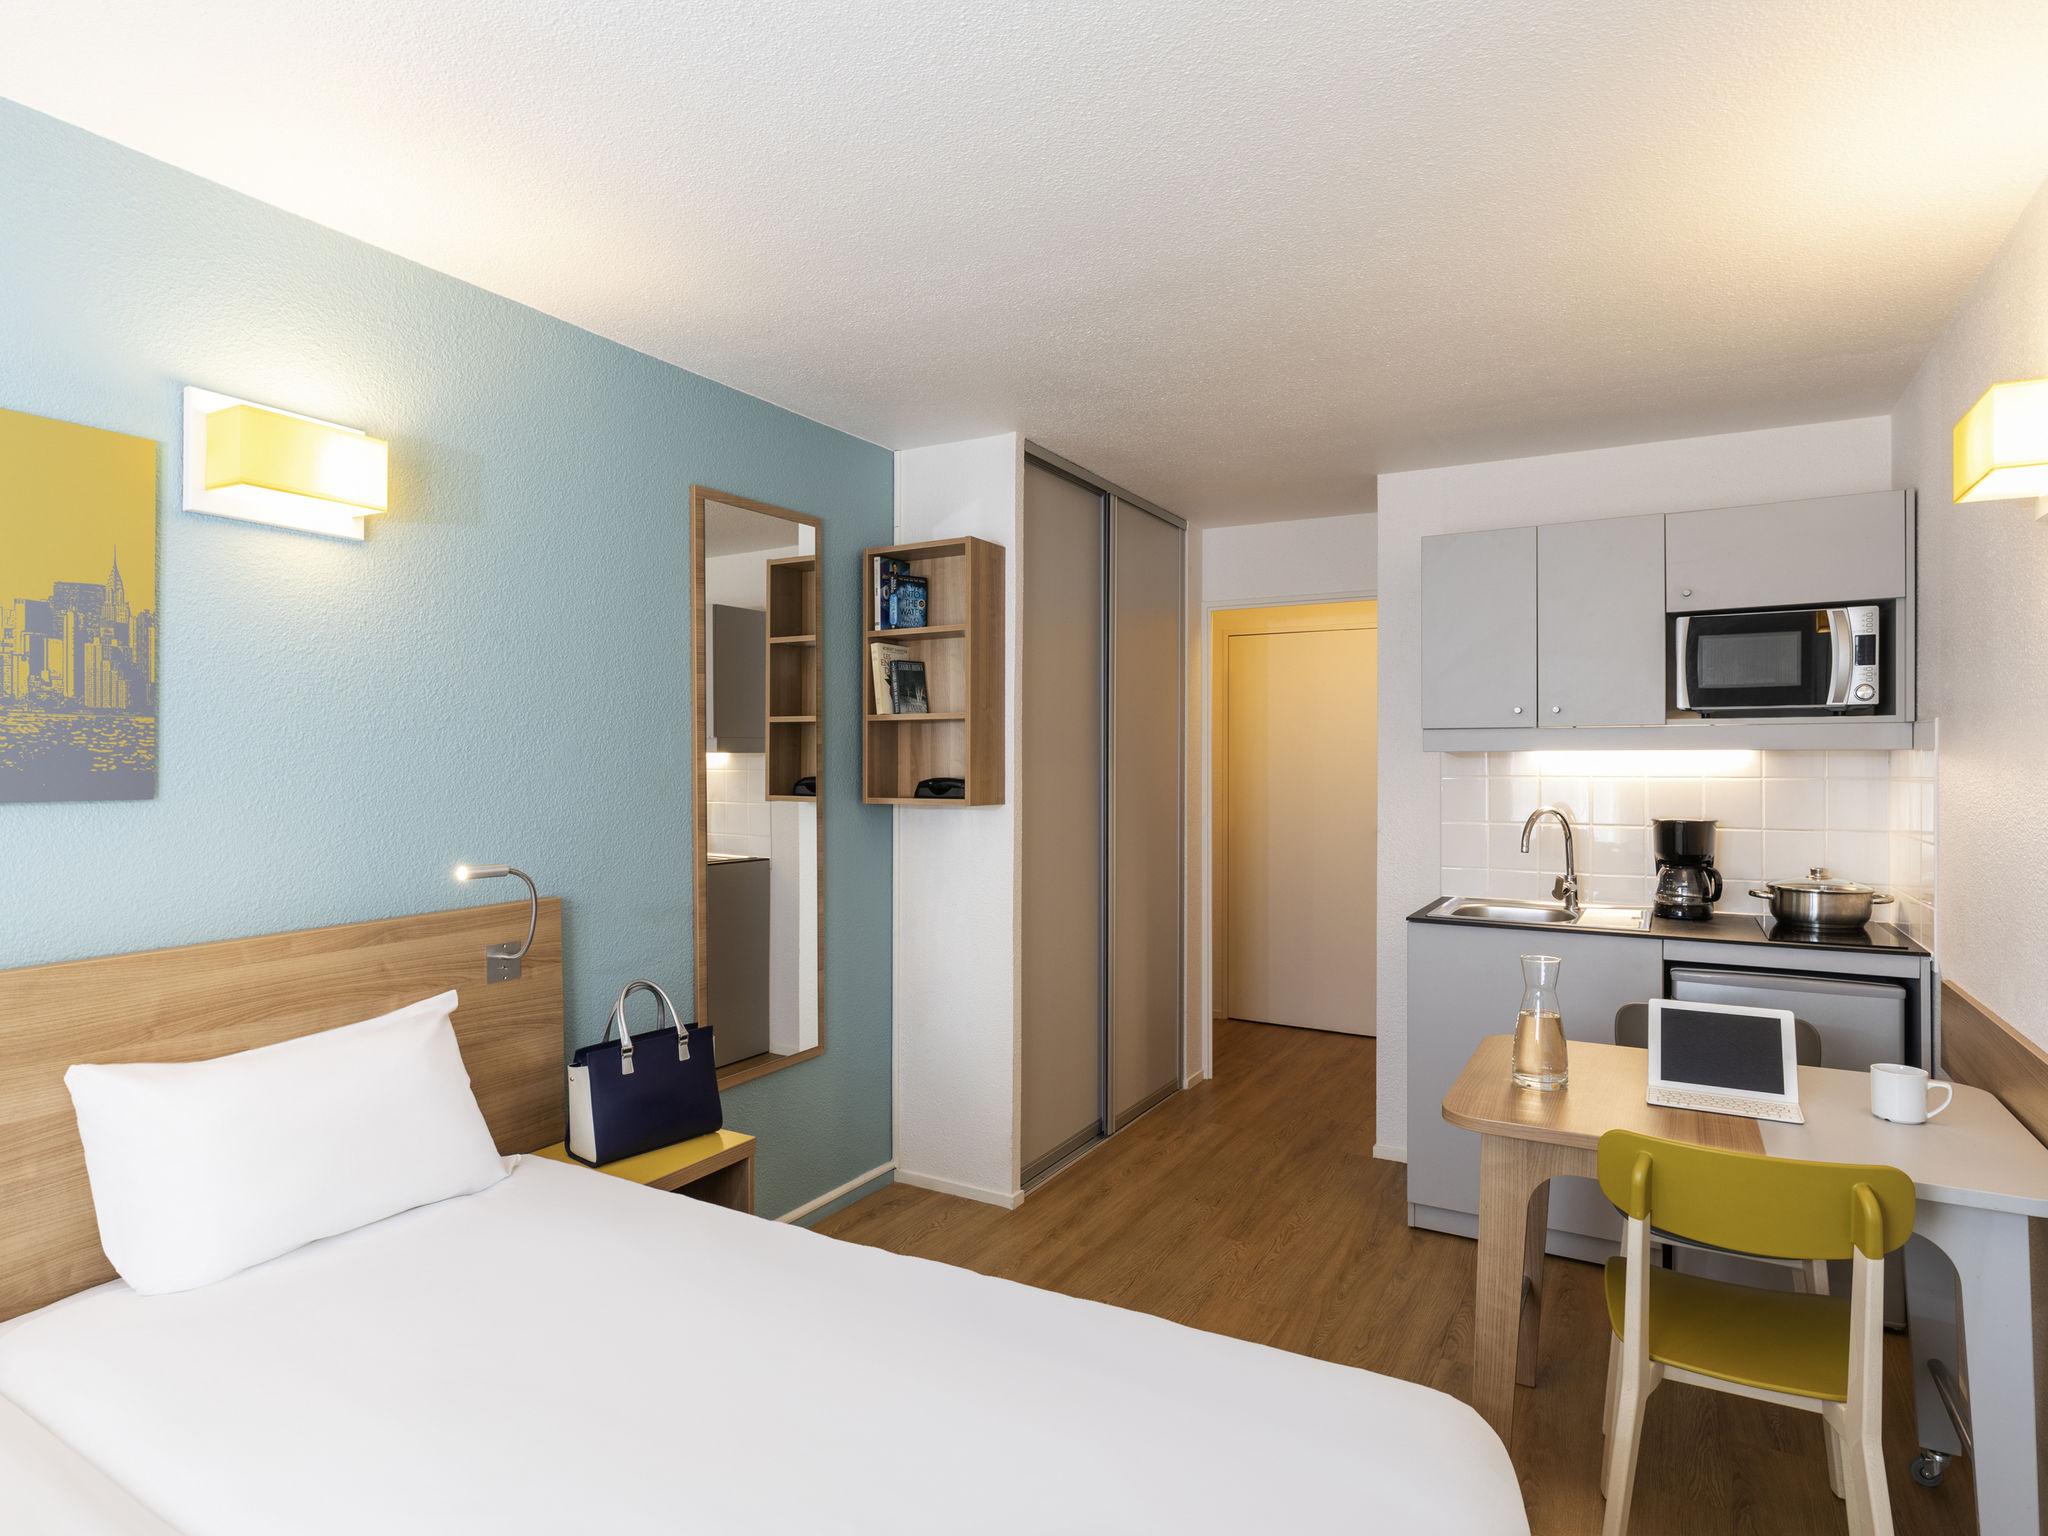 Hotel – Hotel de apartamentos Adagio access La Défense Place Charras